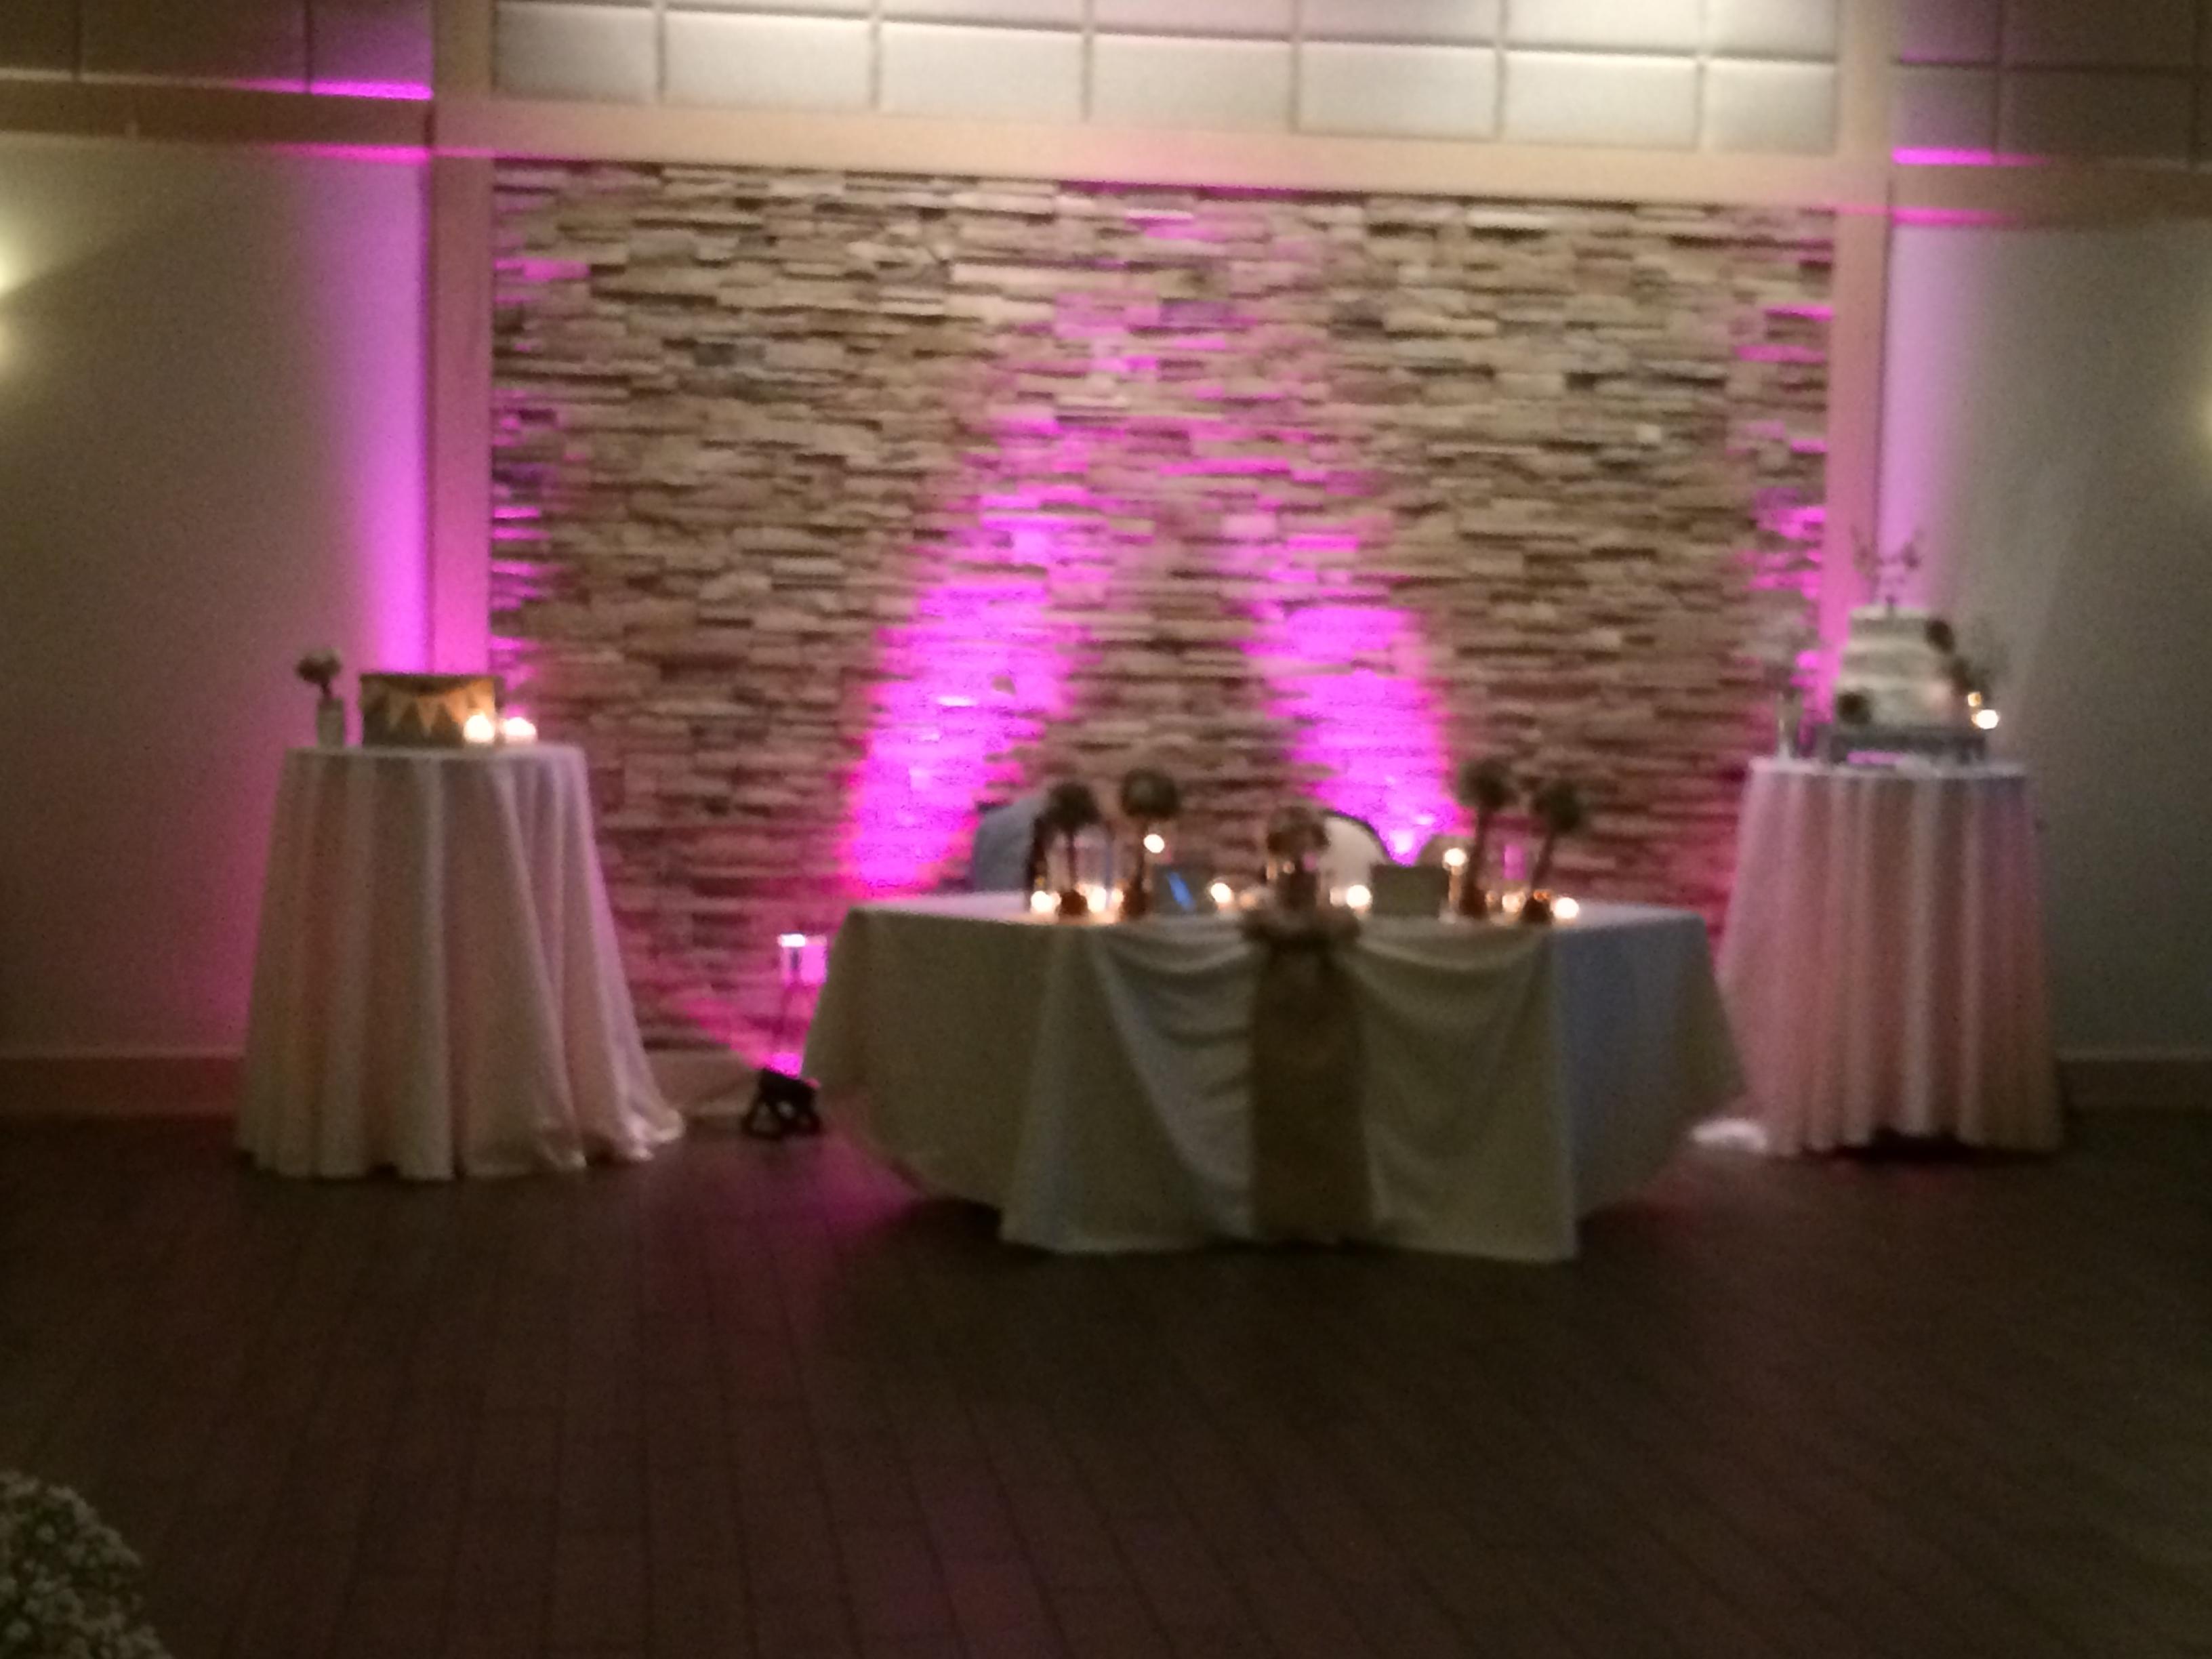 Pink uplighting behind bride/groom